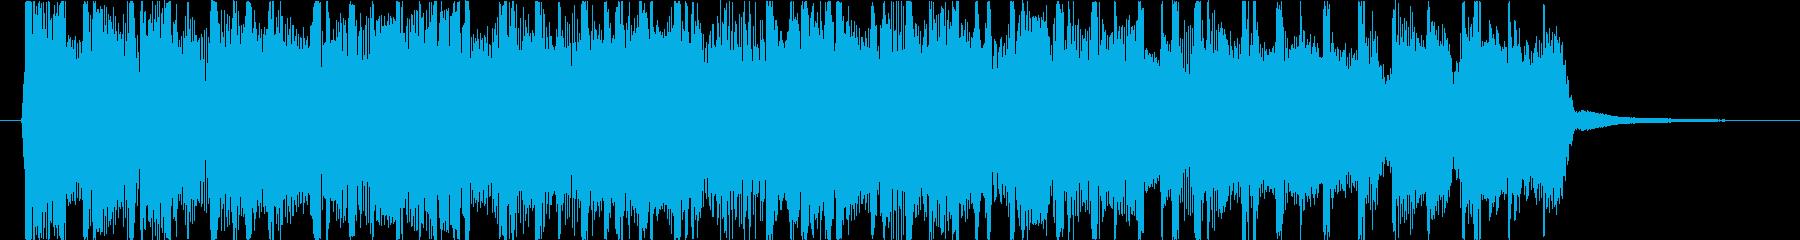 ヘビーメタル、ハードロック、リフ1の再生済みの波形